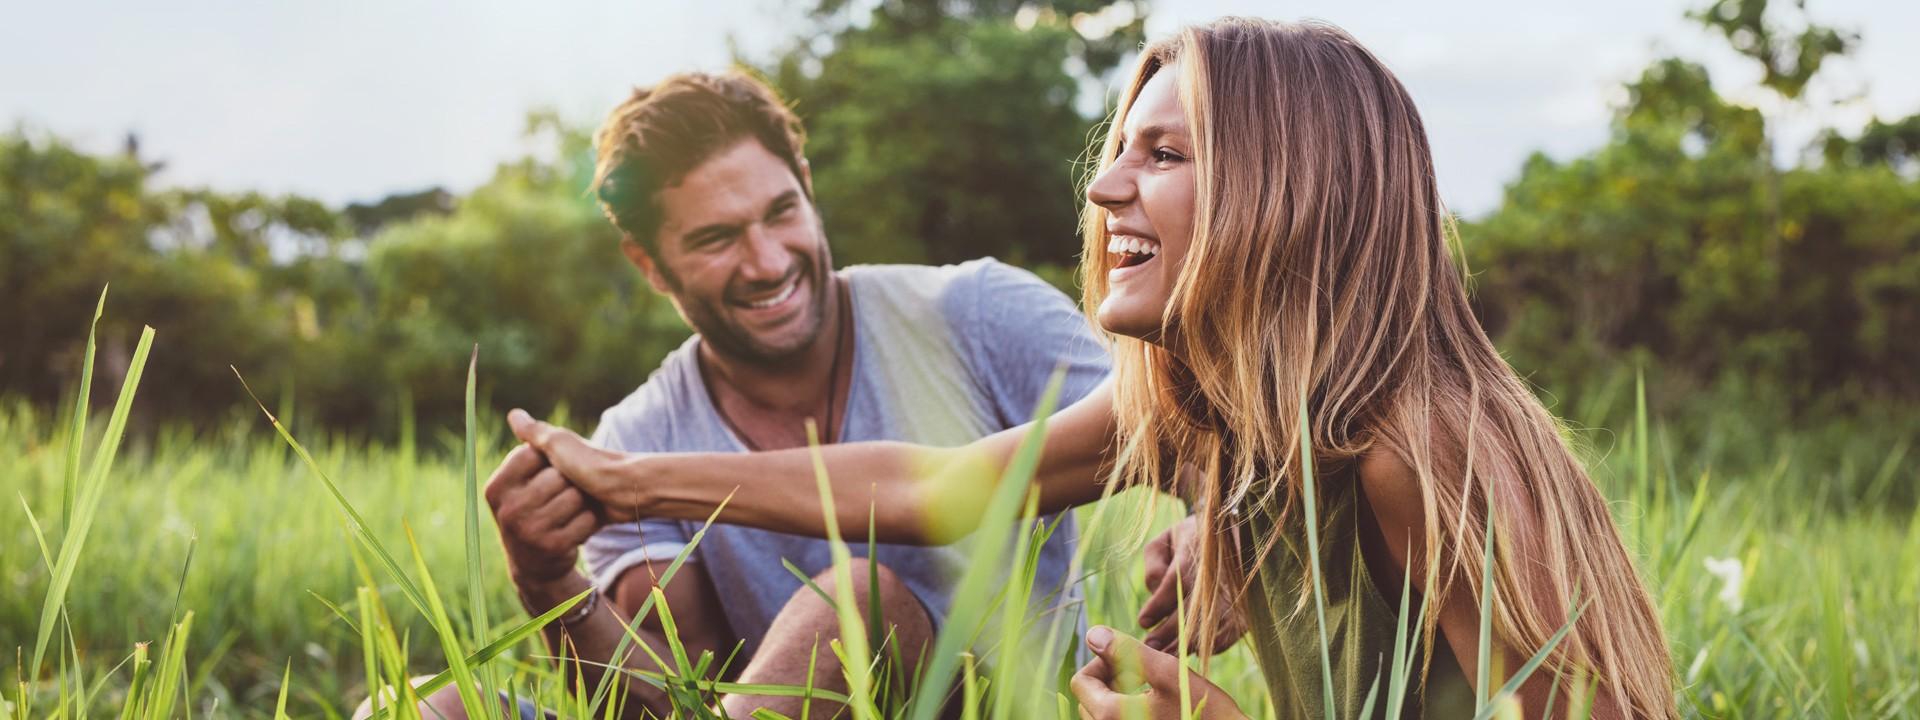 Ein junges Paar hält sich auf einer Wiese sitzend lachend an der Hand.